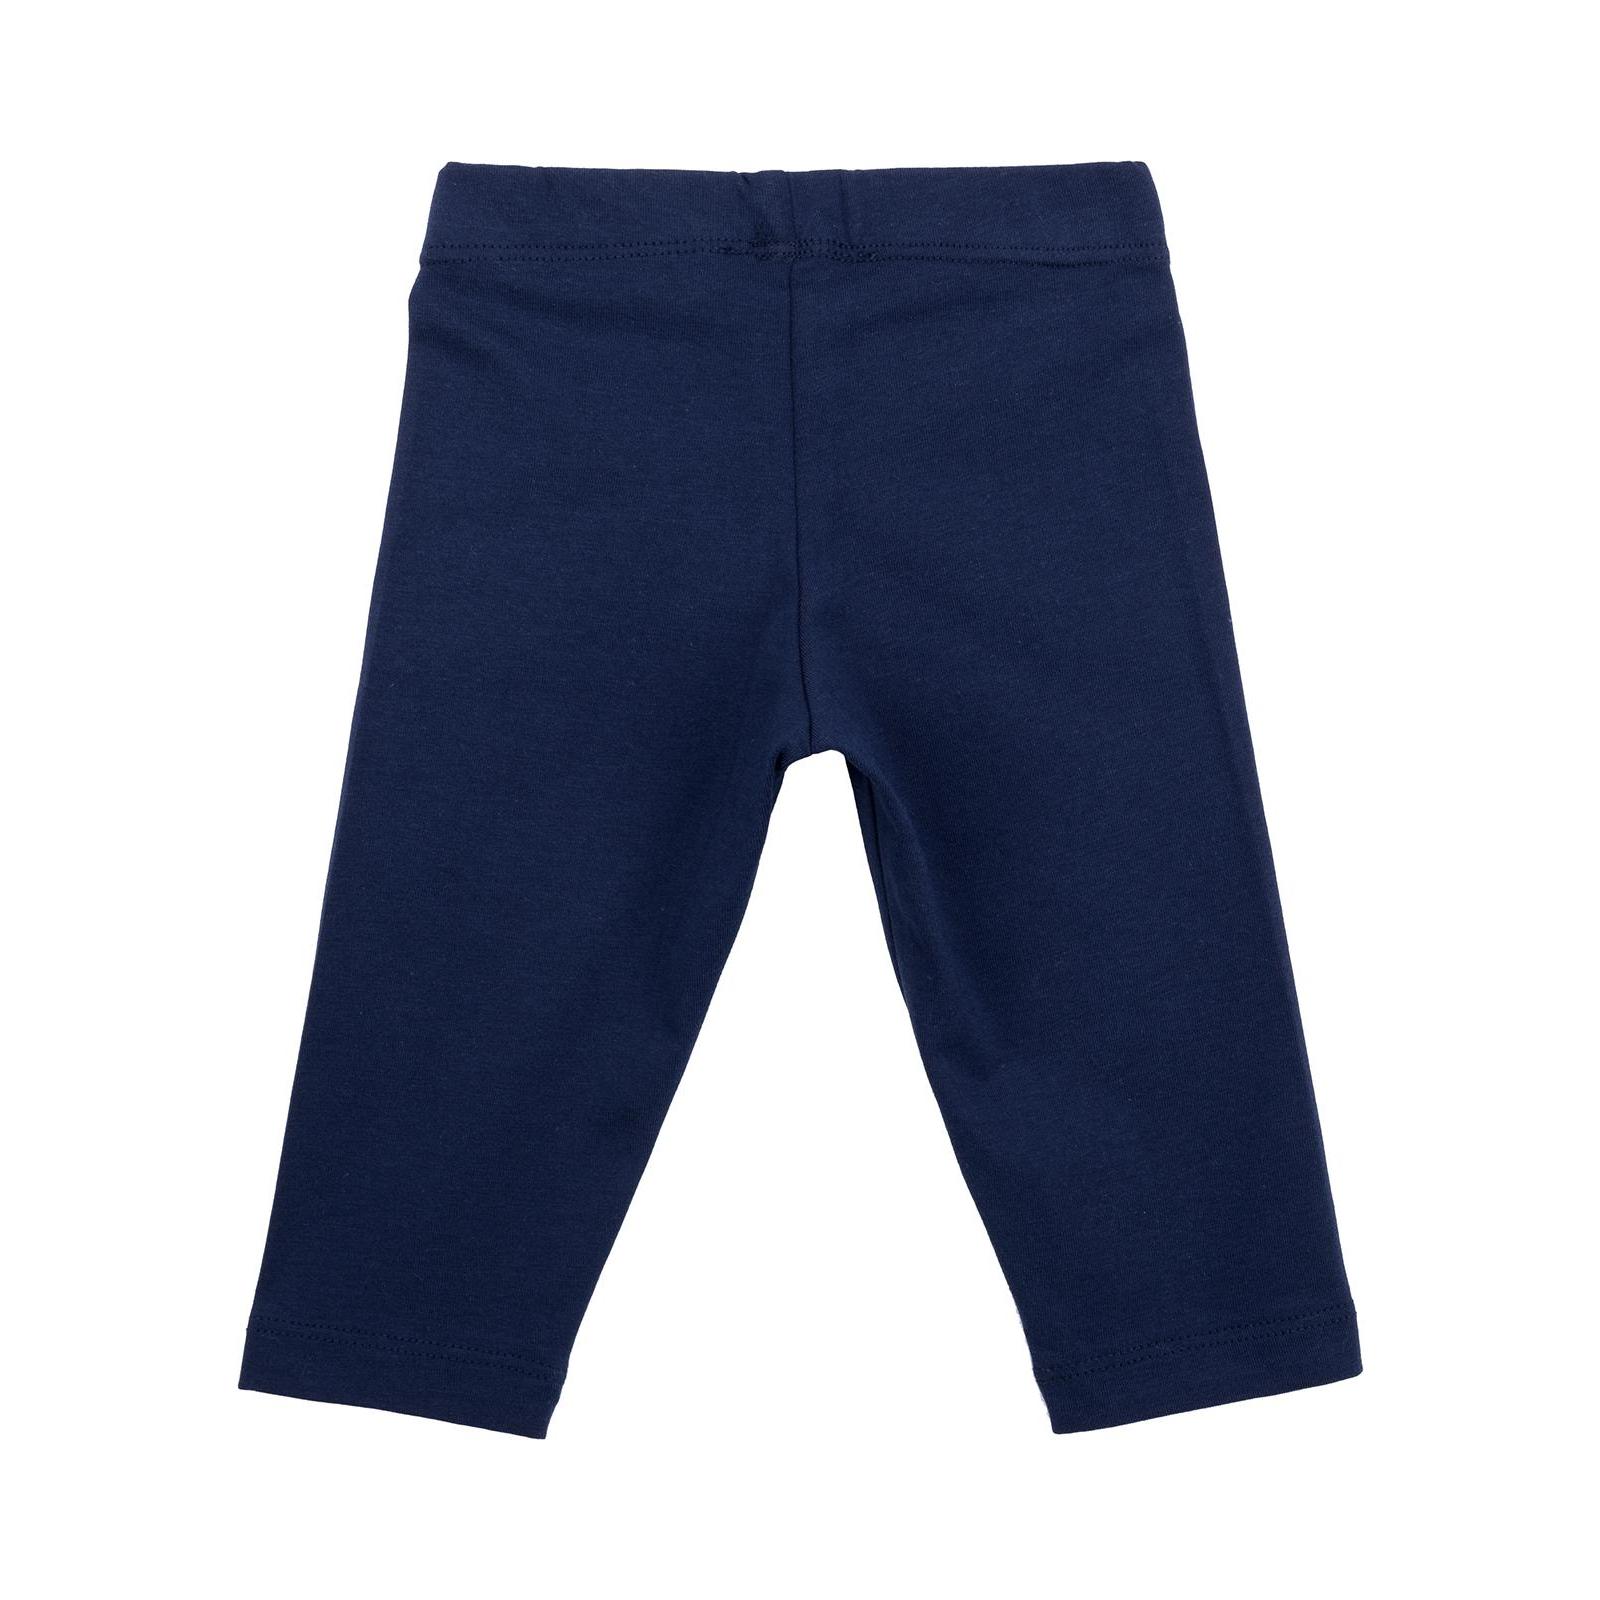 Набор детской одежды Breeze с коронкой (10869-98G-blue) изображение 6